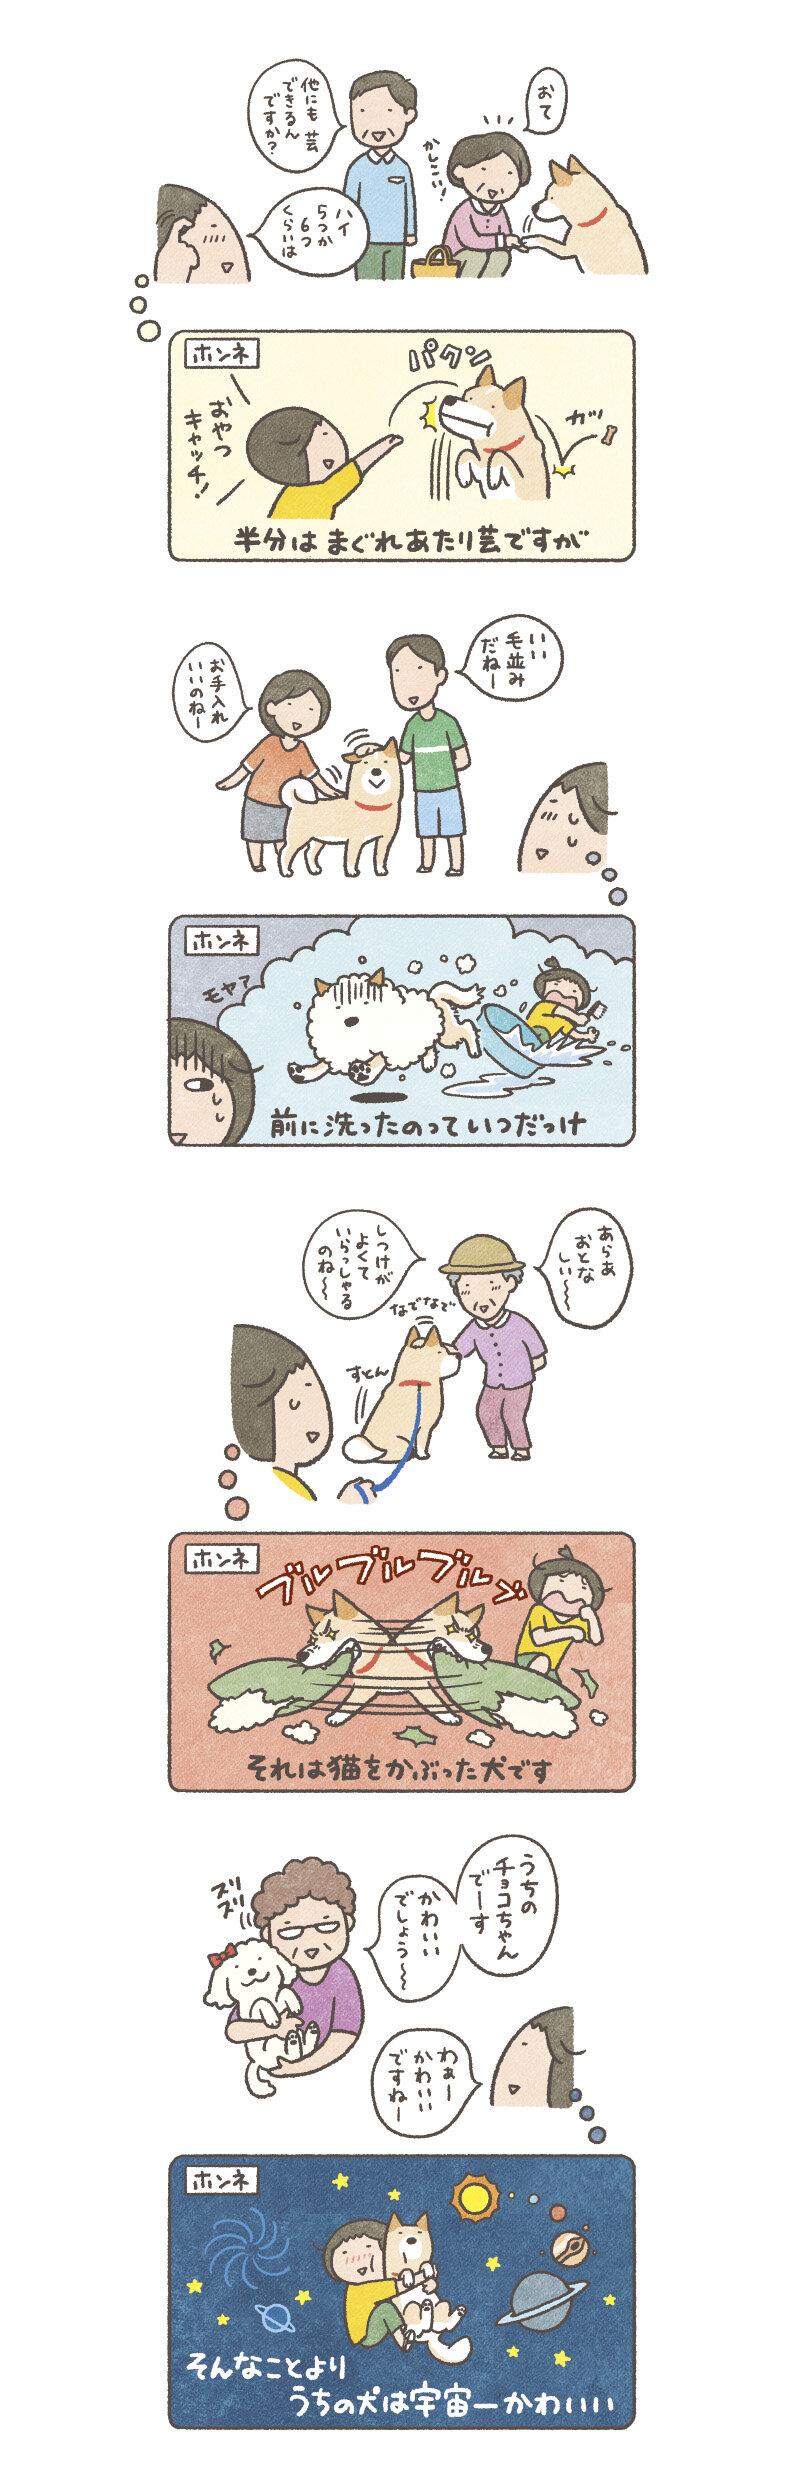 84_kainushinotatemae.jpg